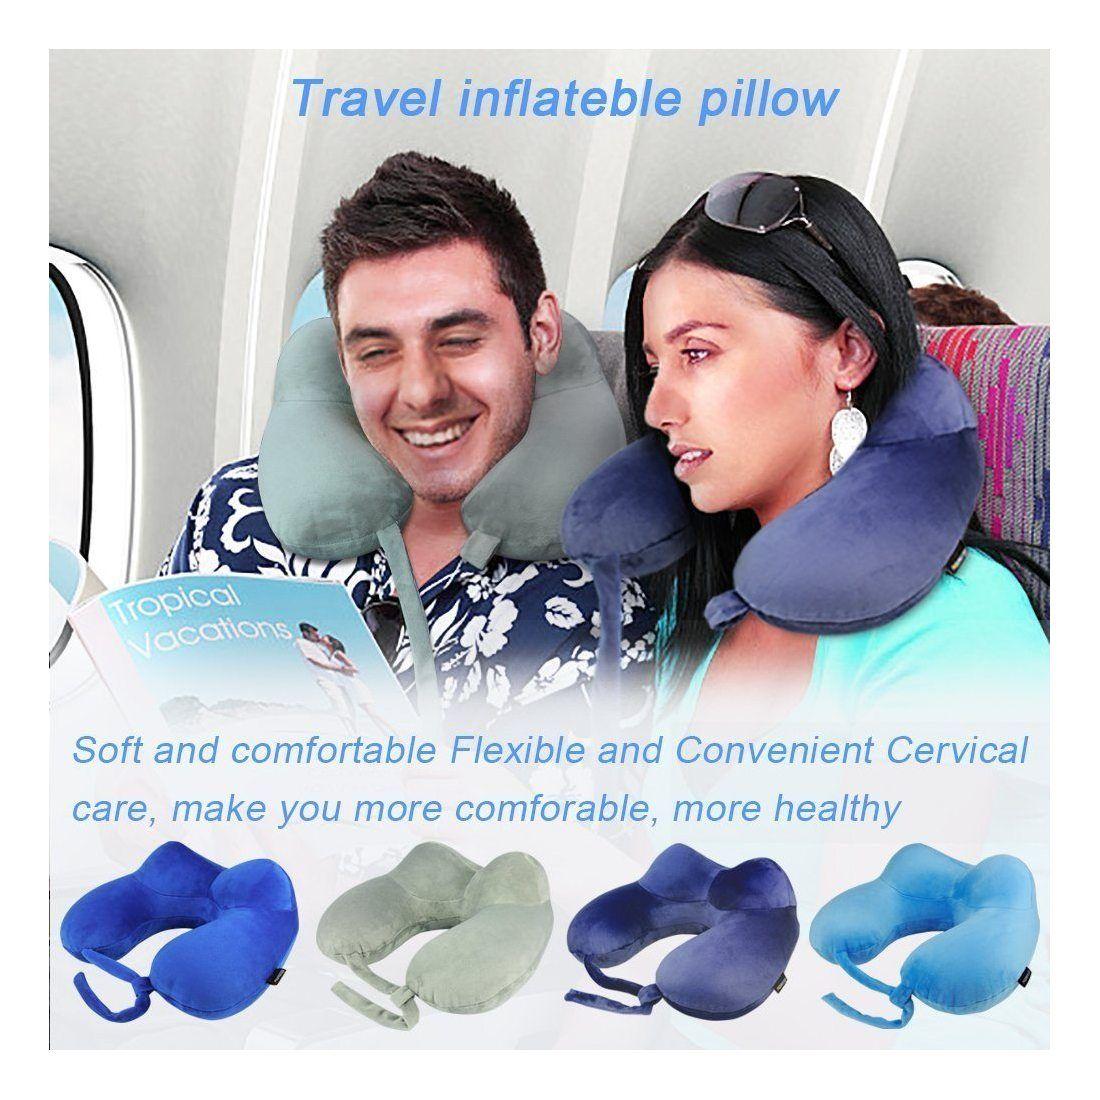 kit oreiller de voyage morecoo u oreiller coussins voyage cervical coussin gonflable est dans. Black Bedroom Furniture Sets. Home Design Ideas